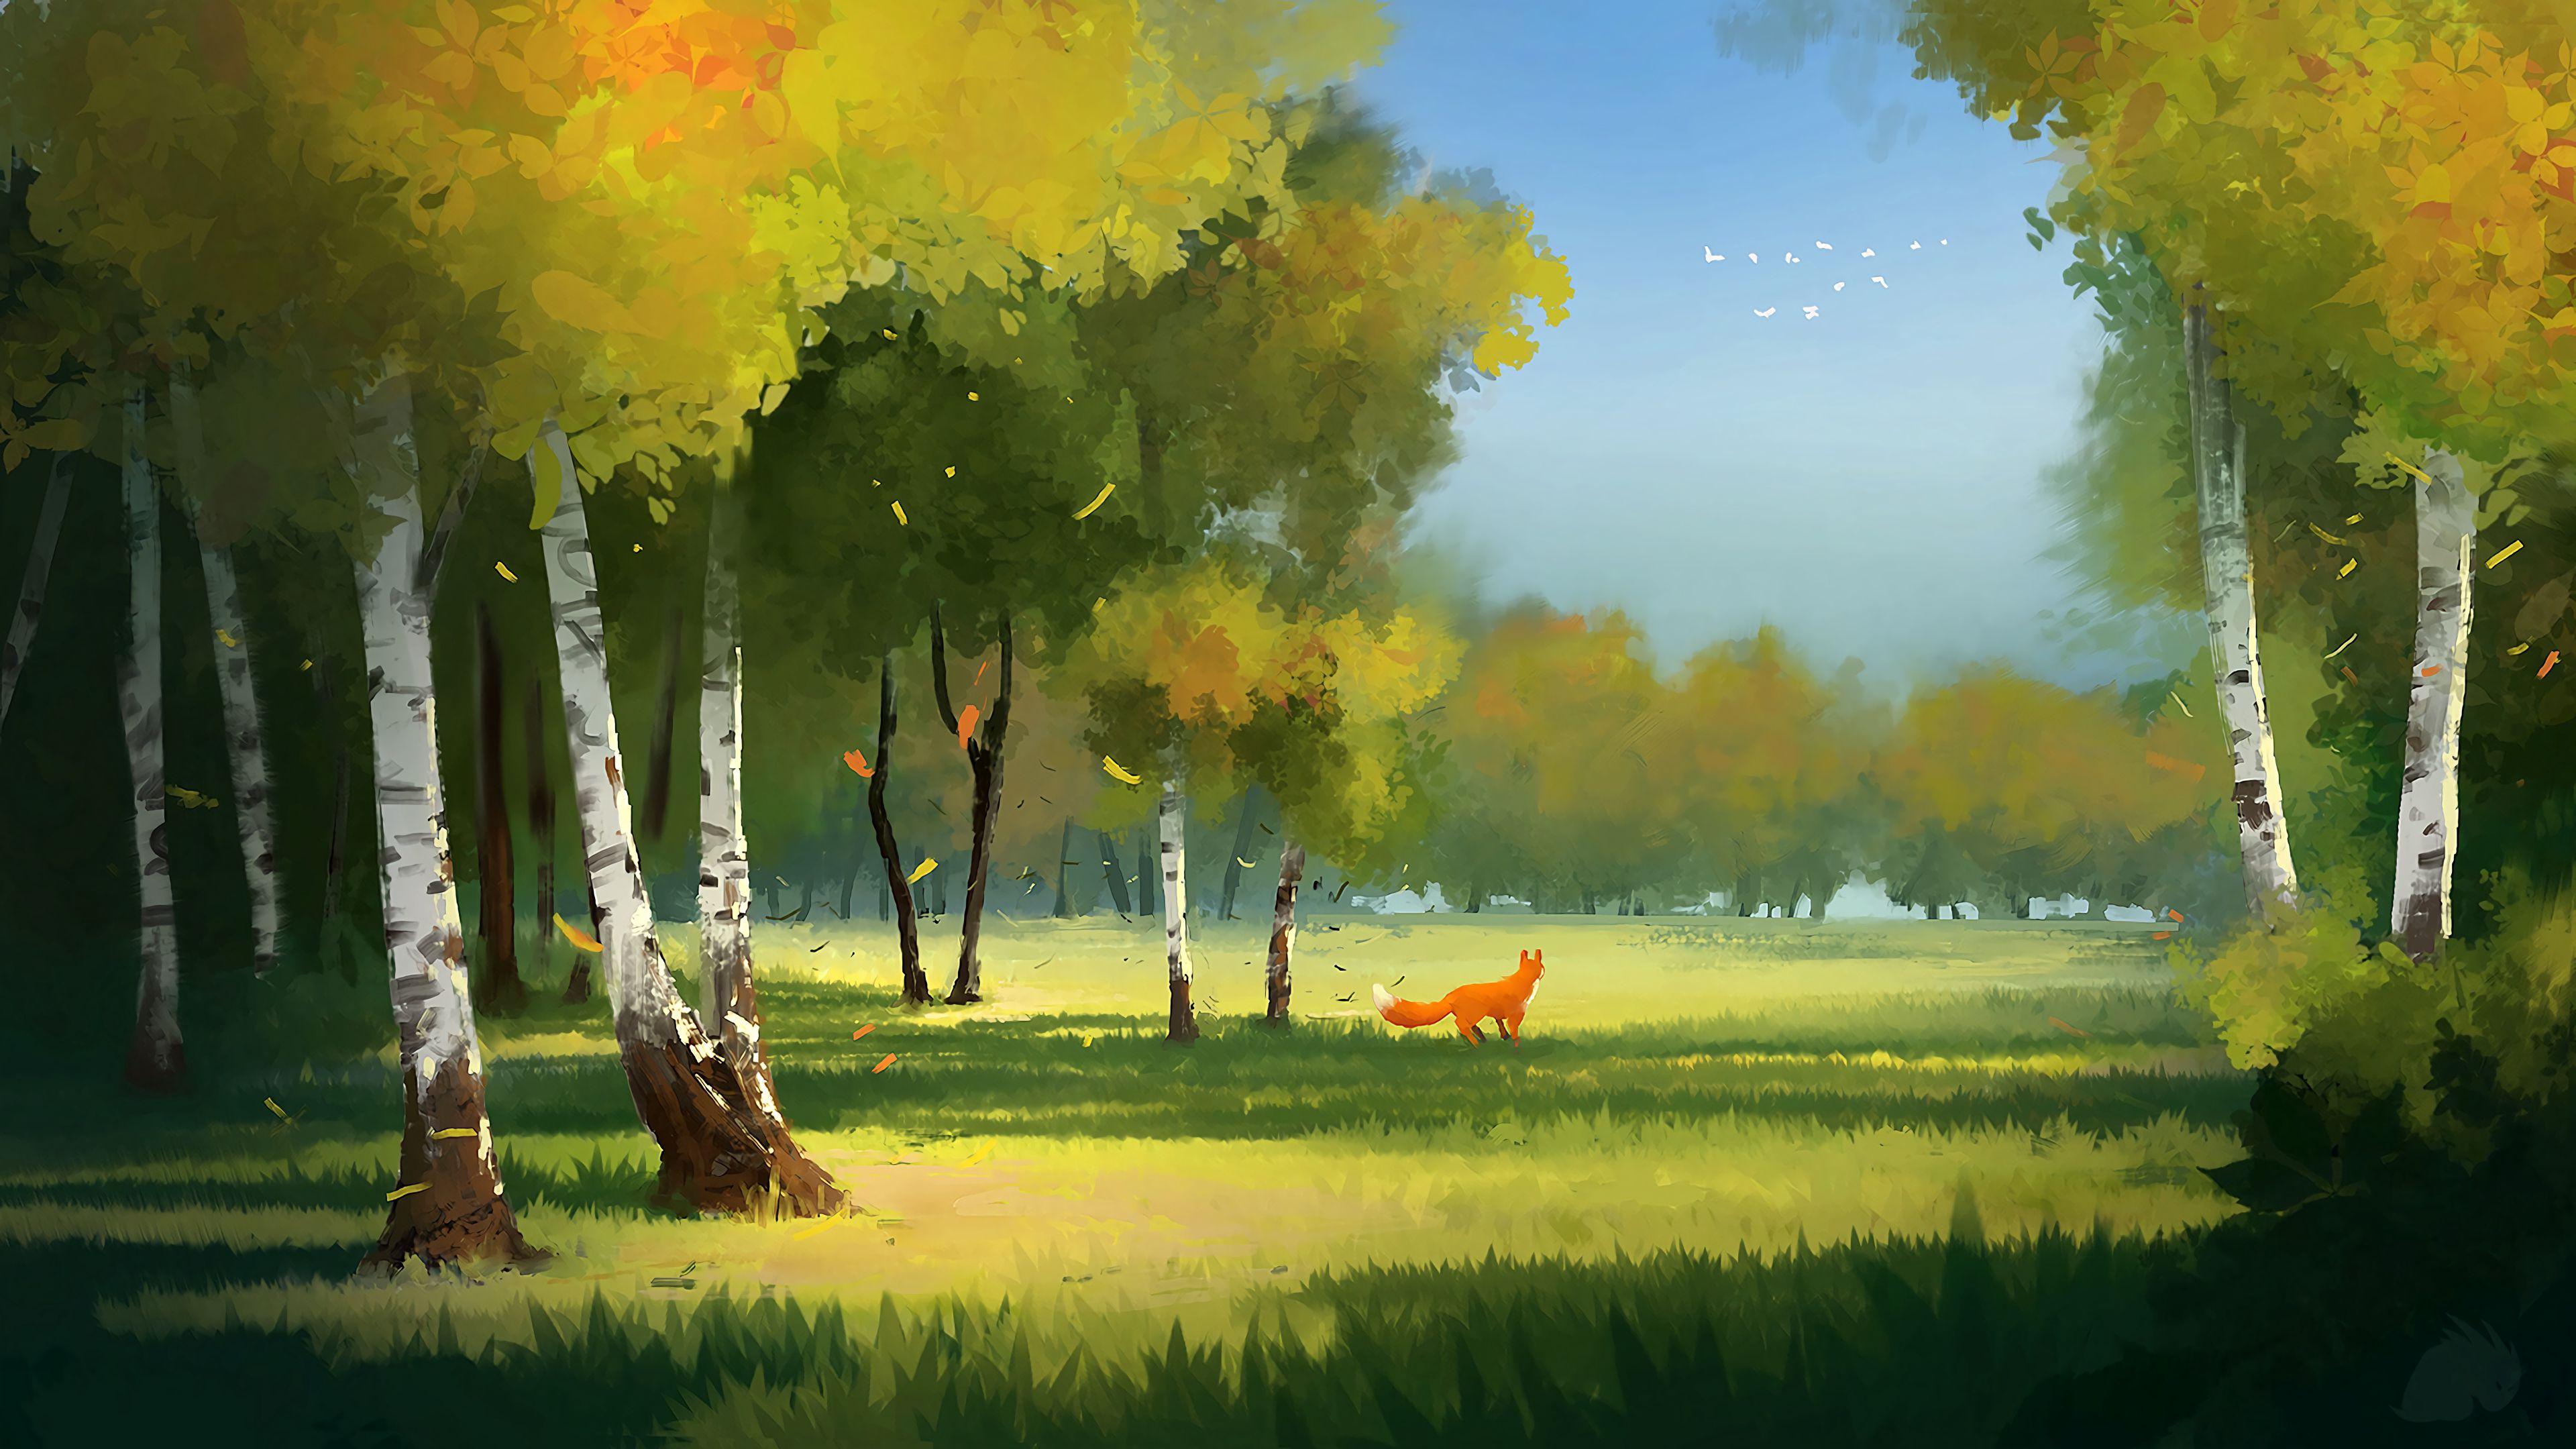 80872 скачать обои Лиса, Деревья, Арт, Лес, Поляна - заставки и картинки бесплатно